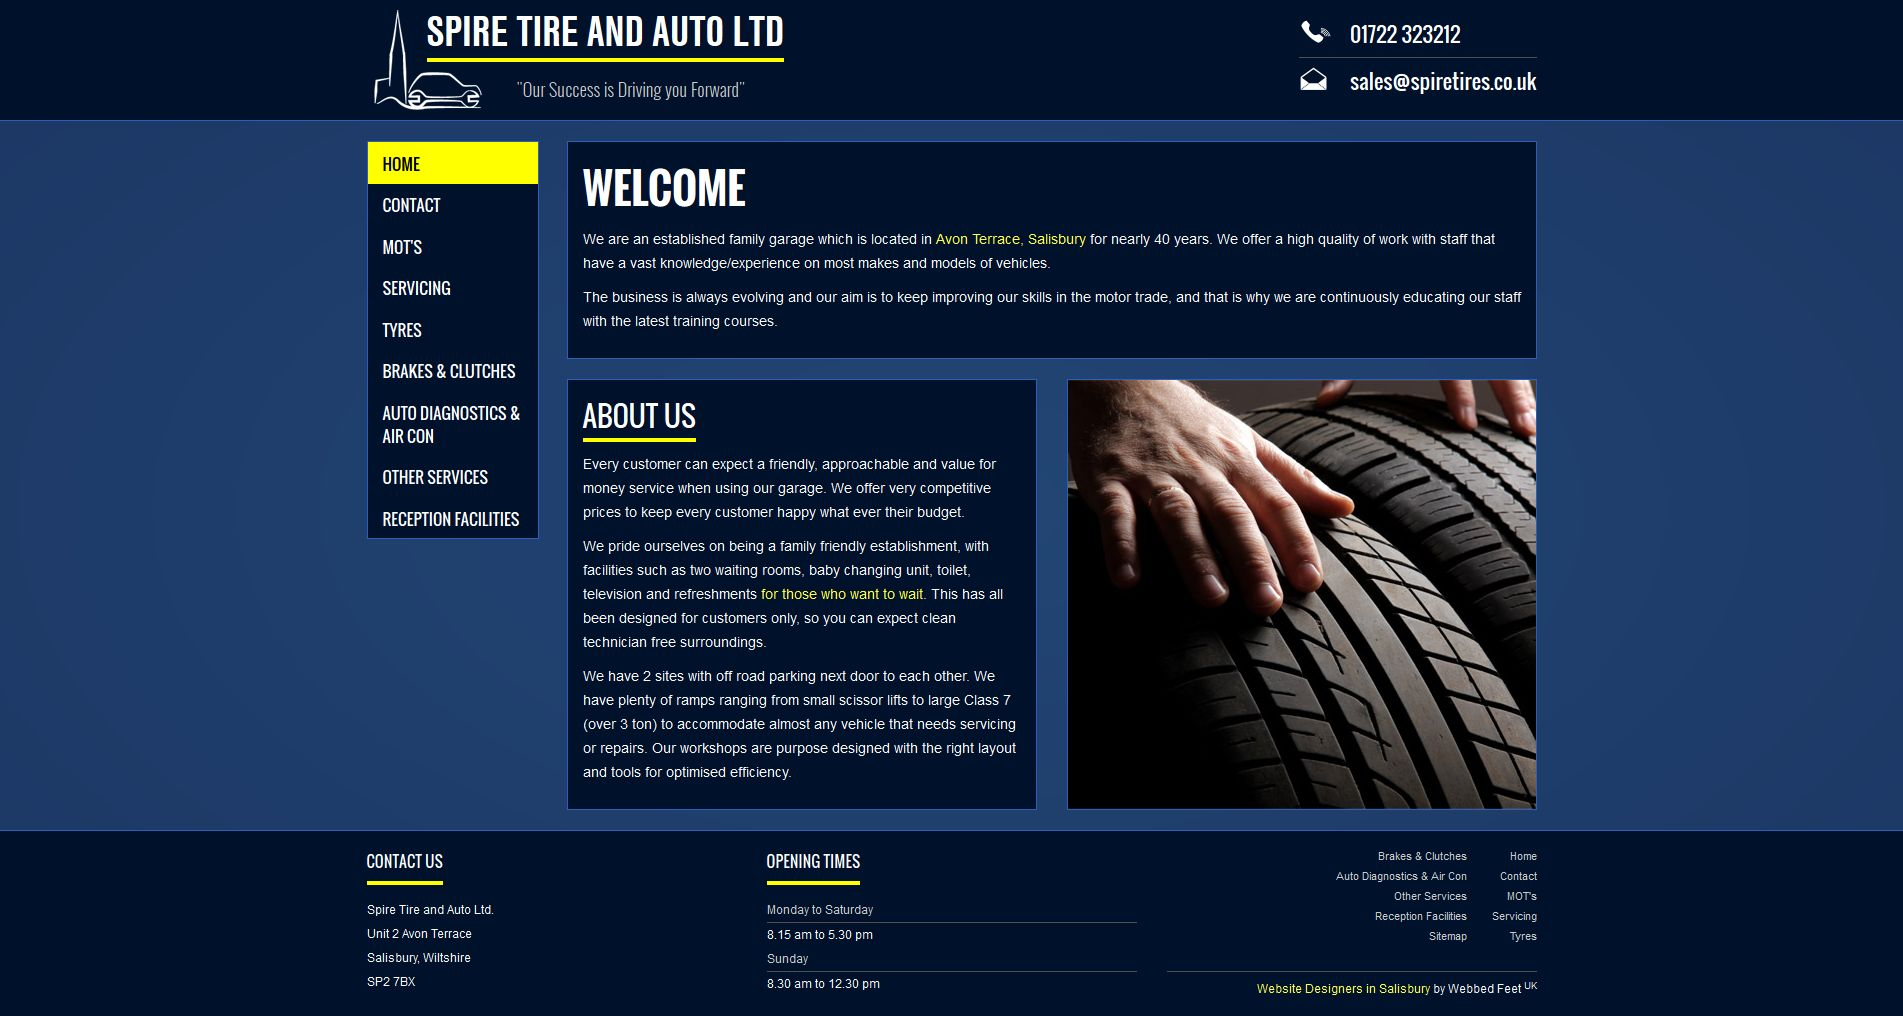 Spire Tire & Auto